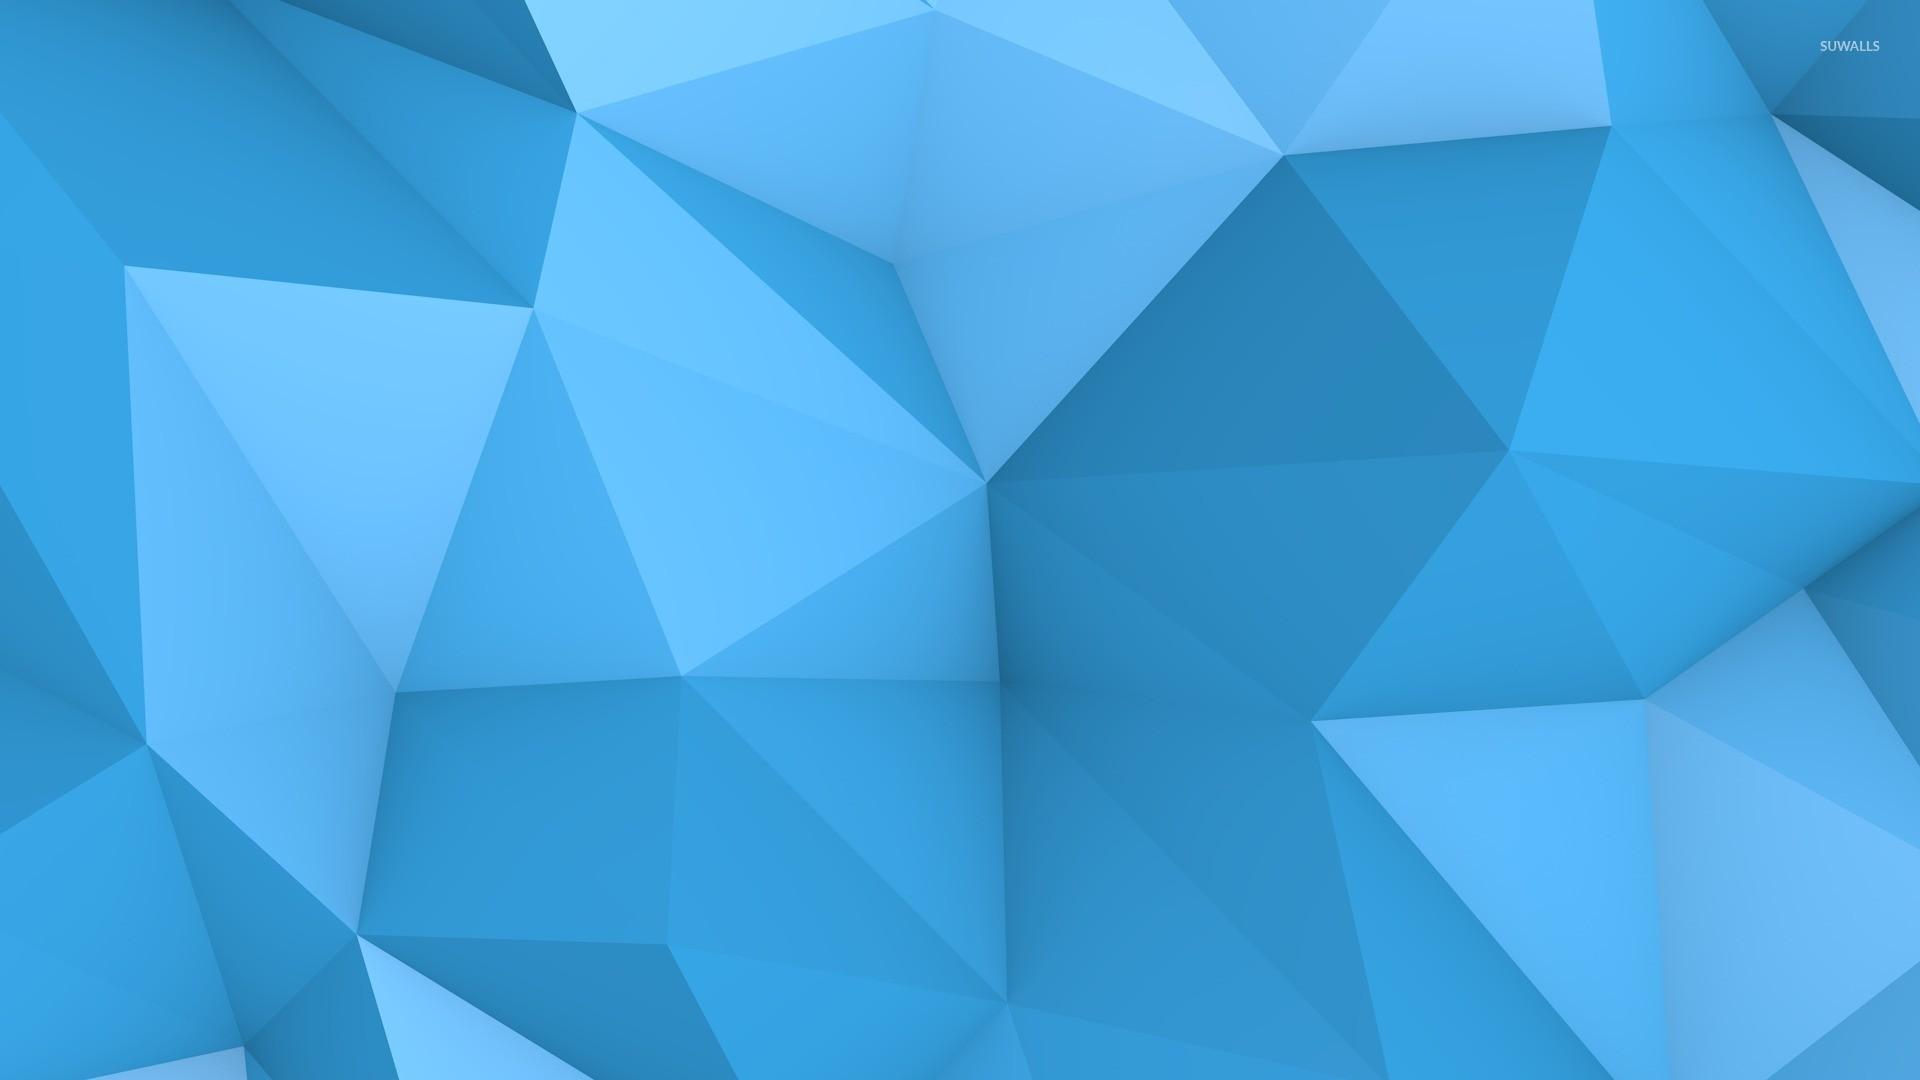 Blue polygon wallpaper